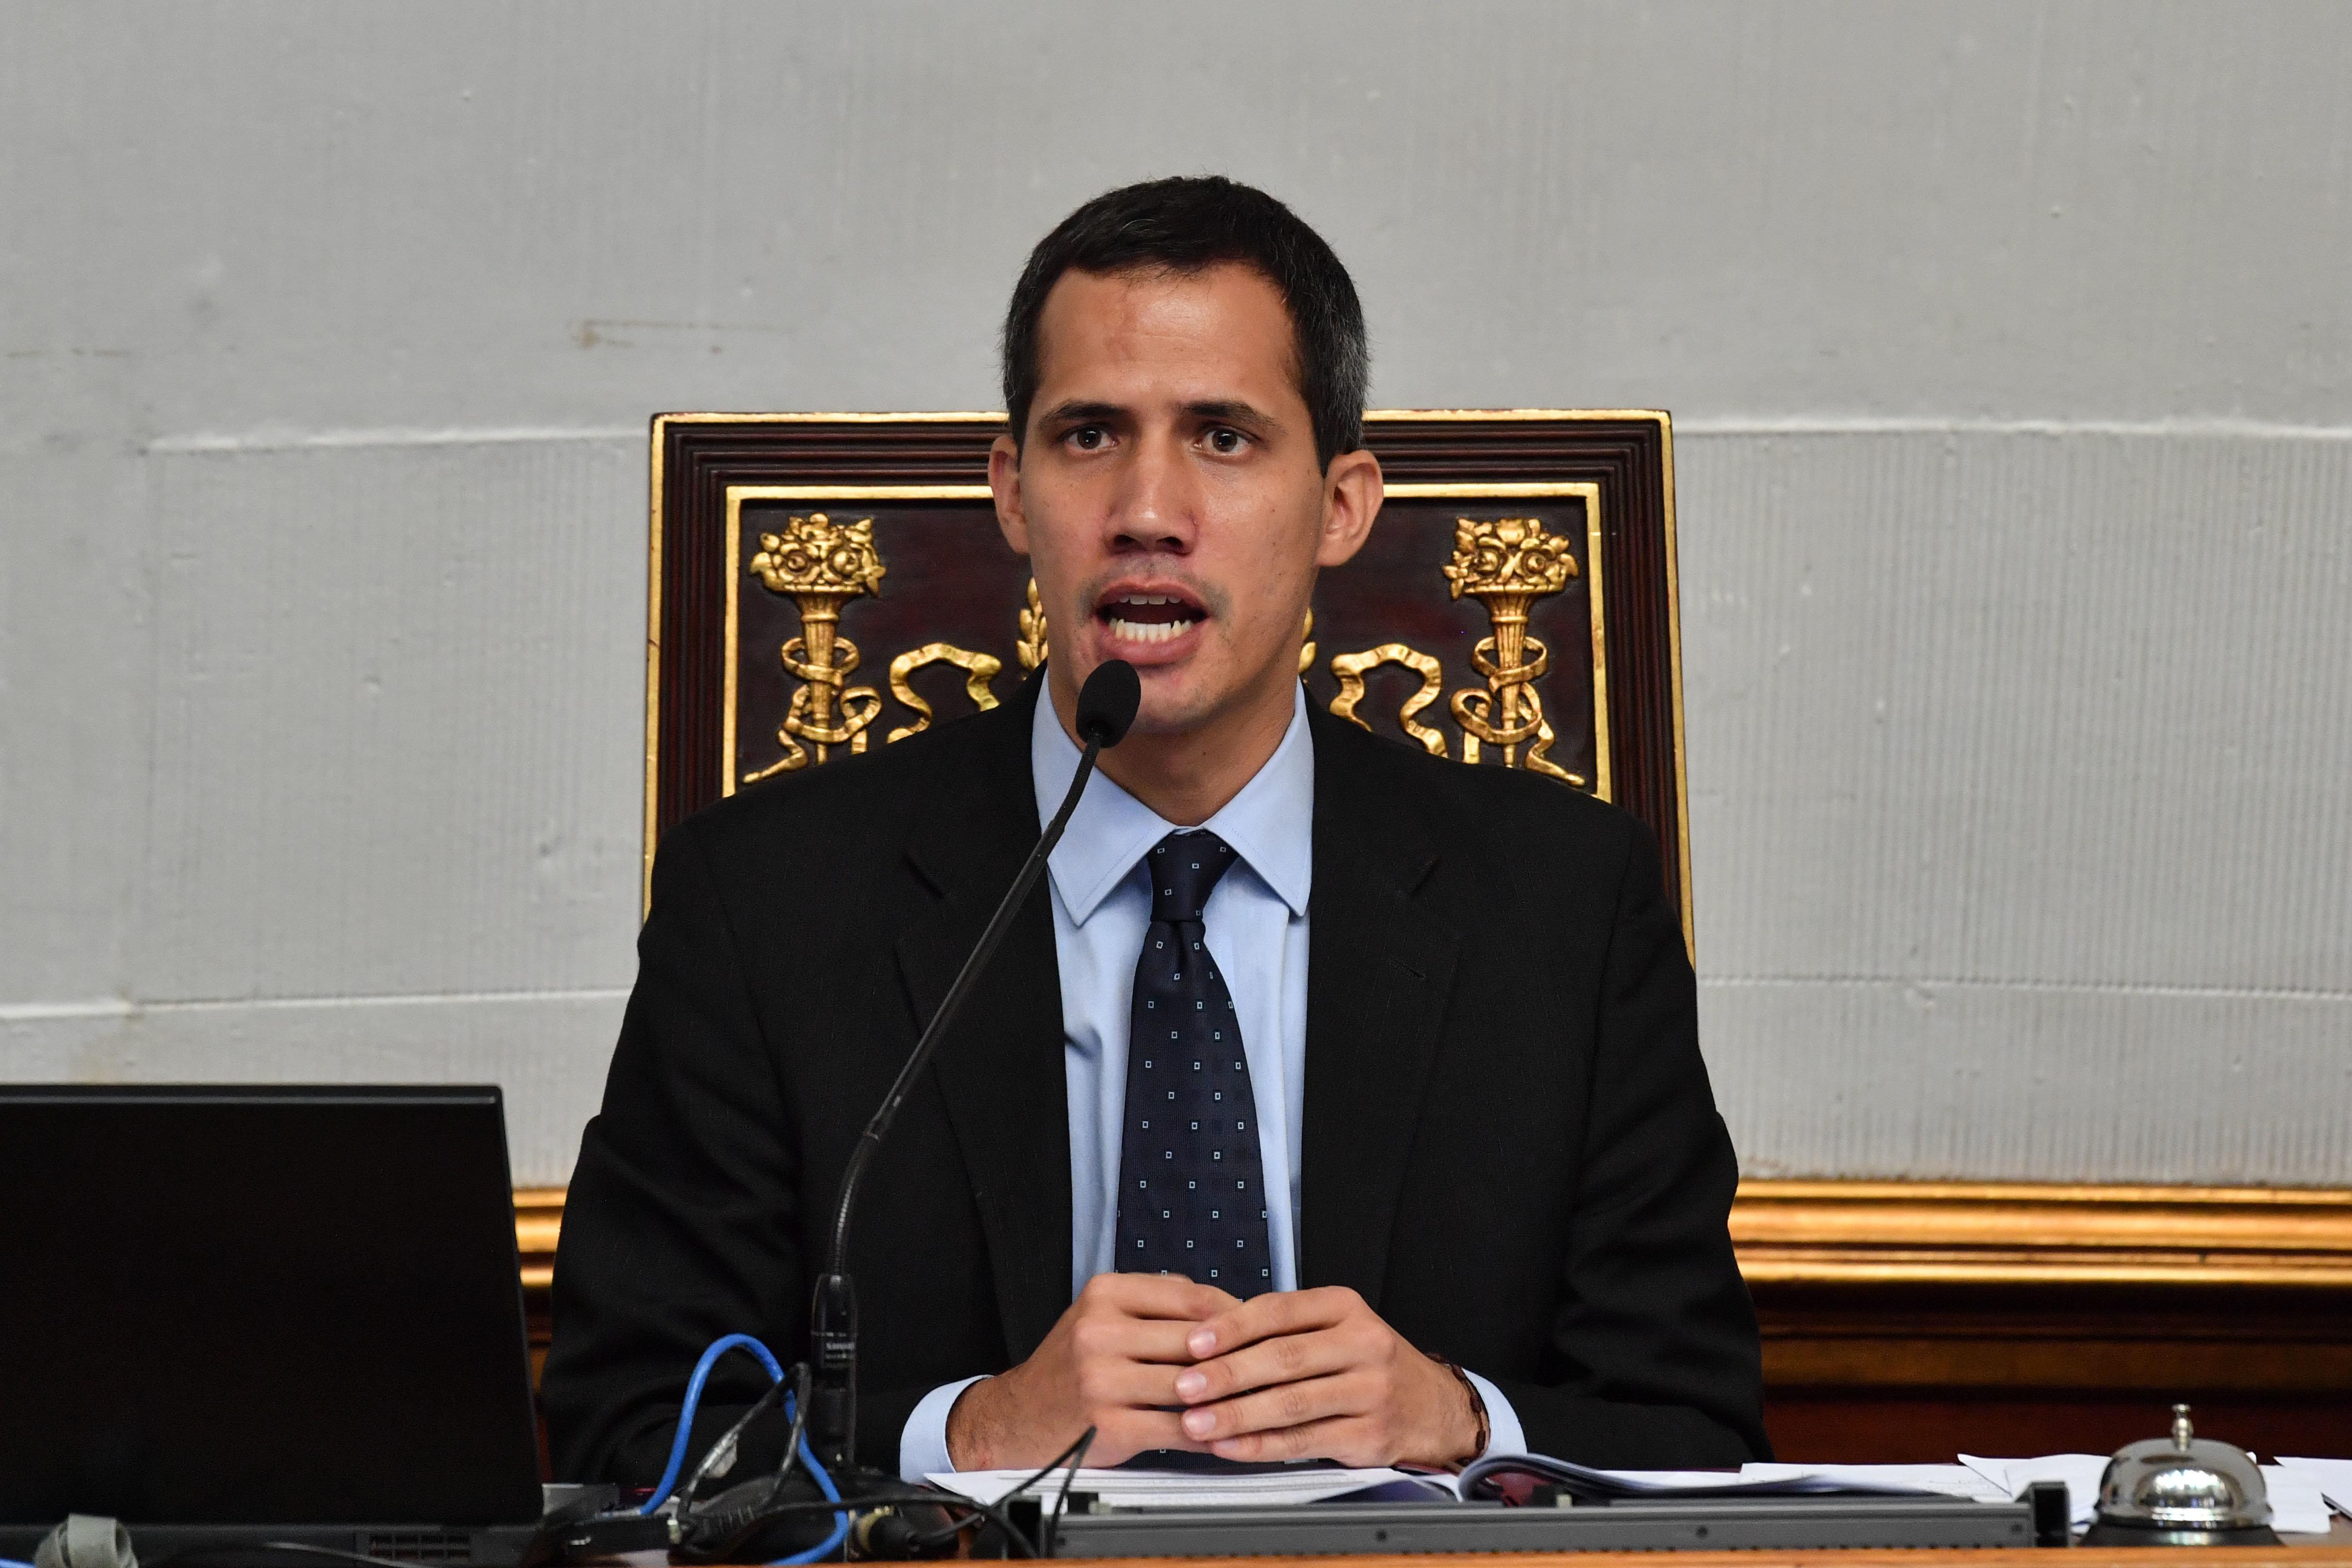 미국이 베네수엘라 야권 지도자 과이도에게 은행 계좌를